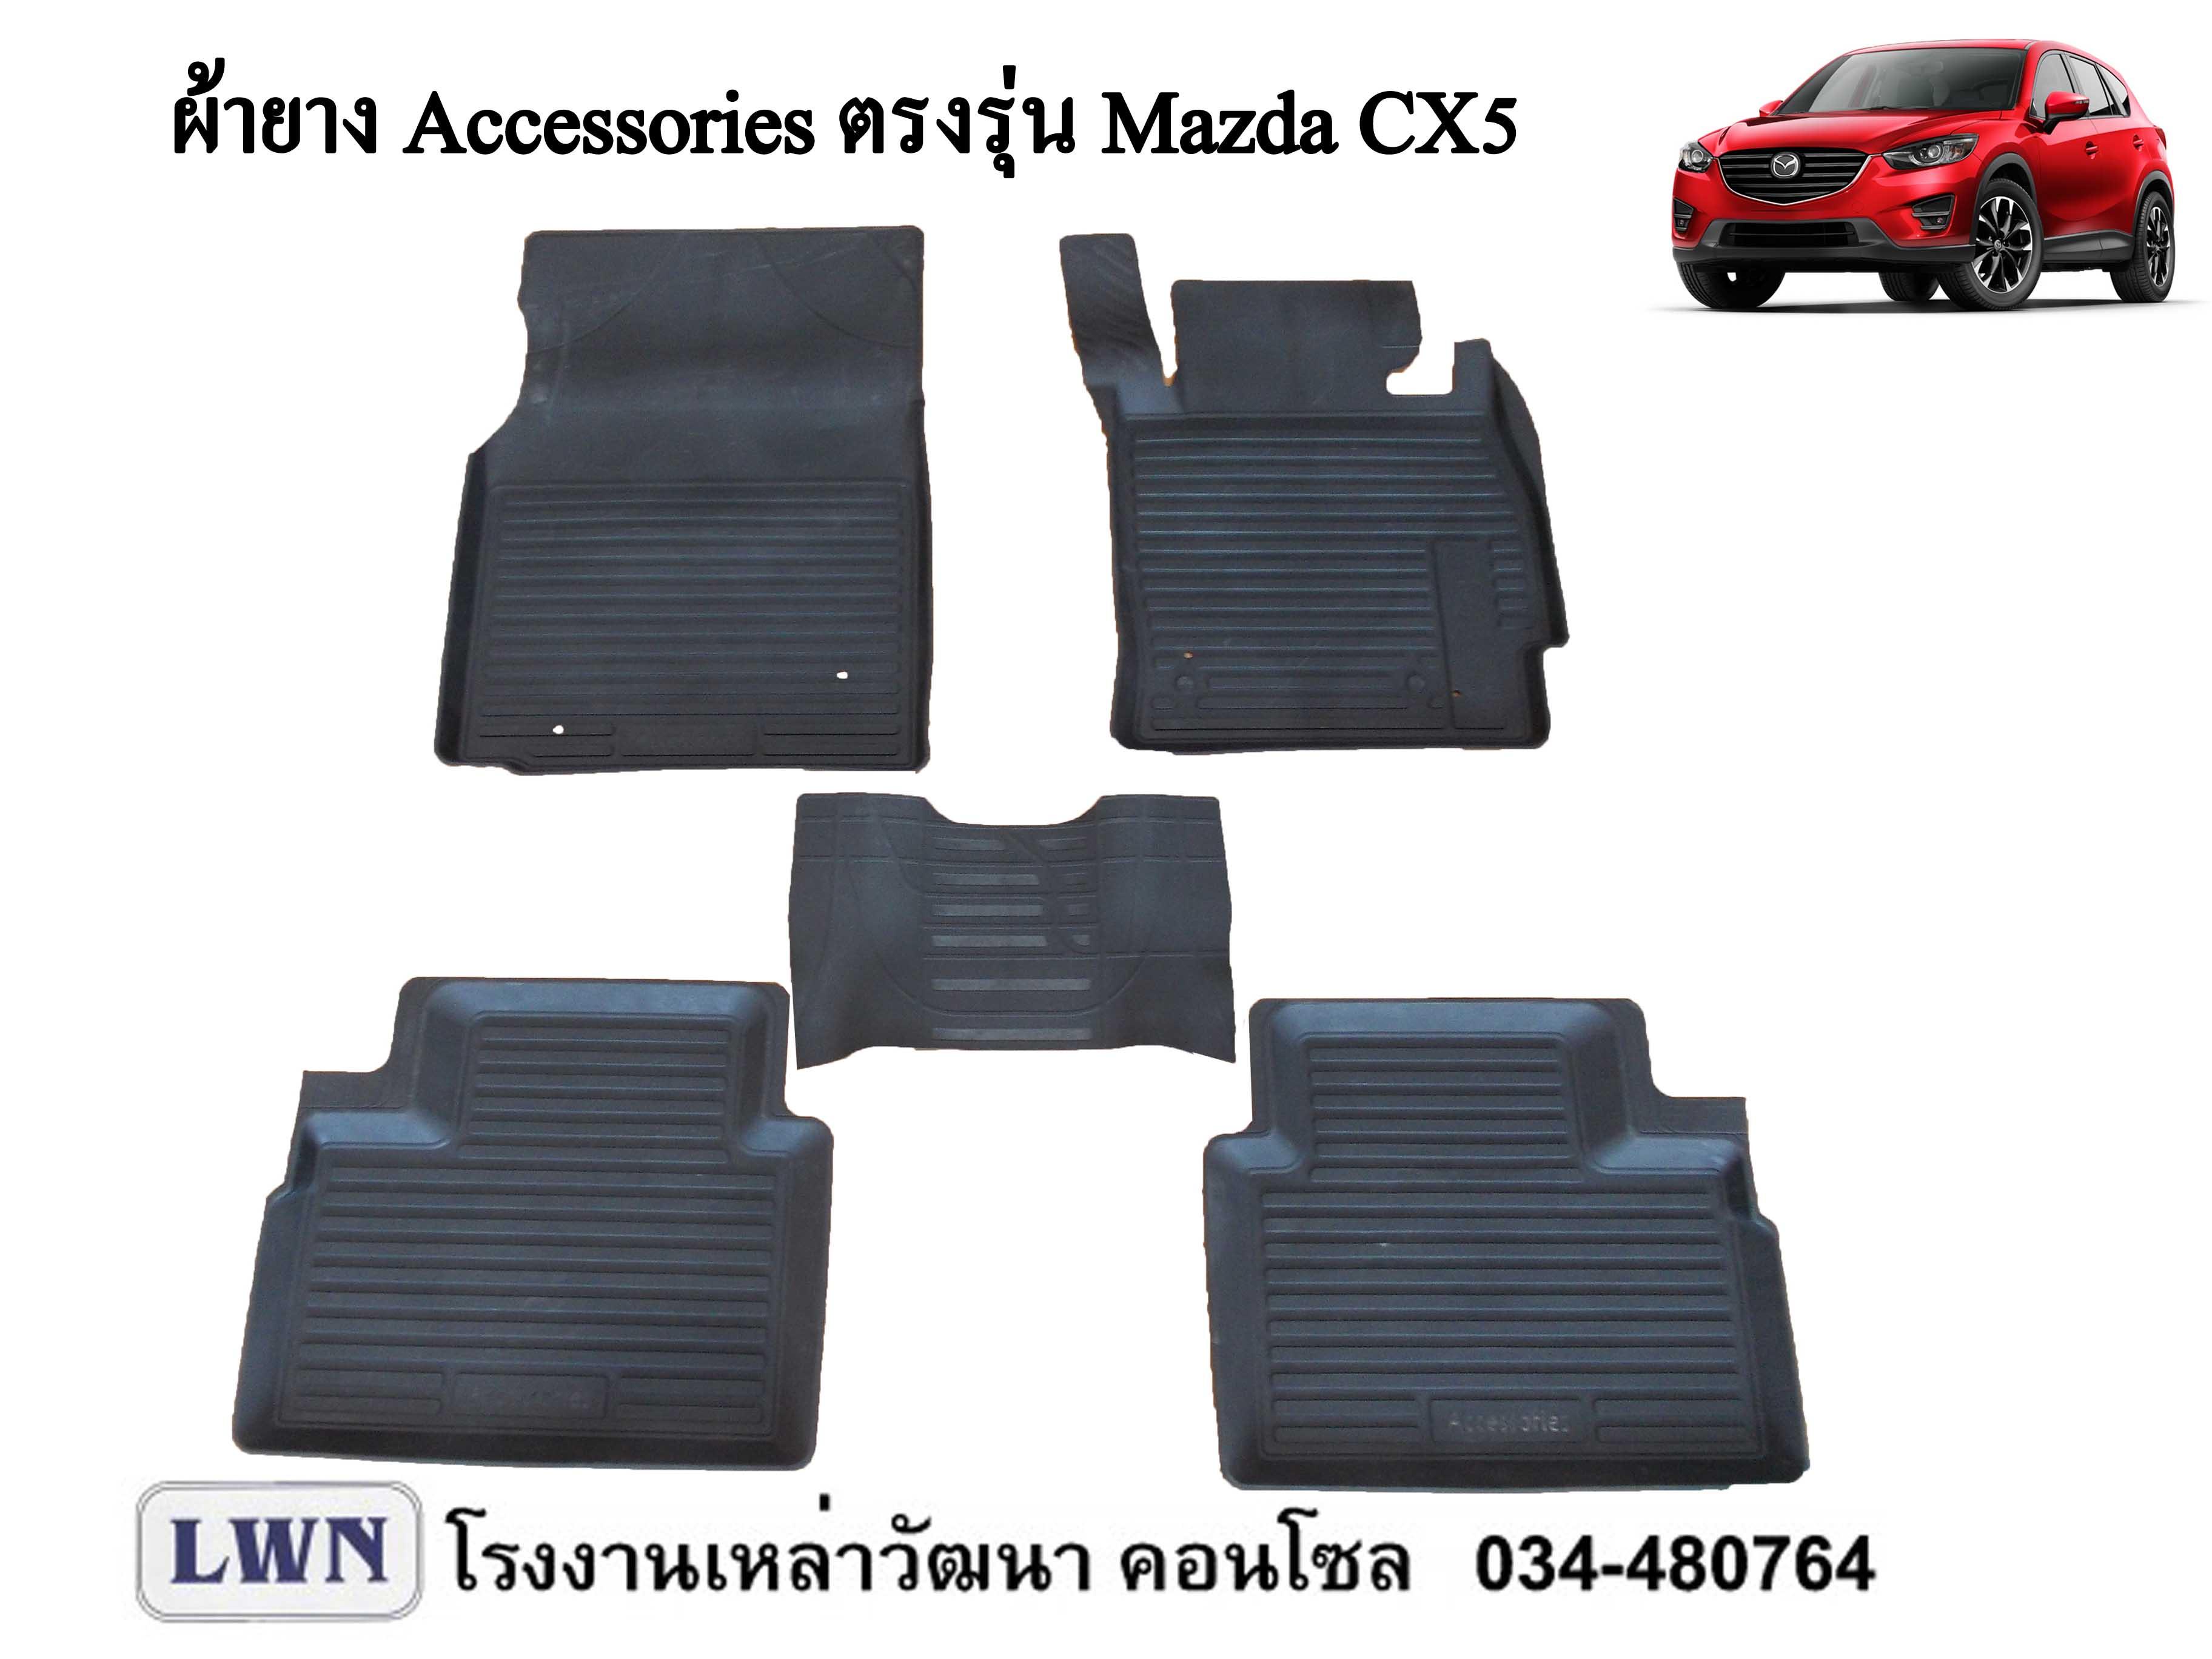 ผ้ายางปูพื้น Mazda Cx5